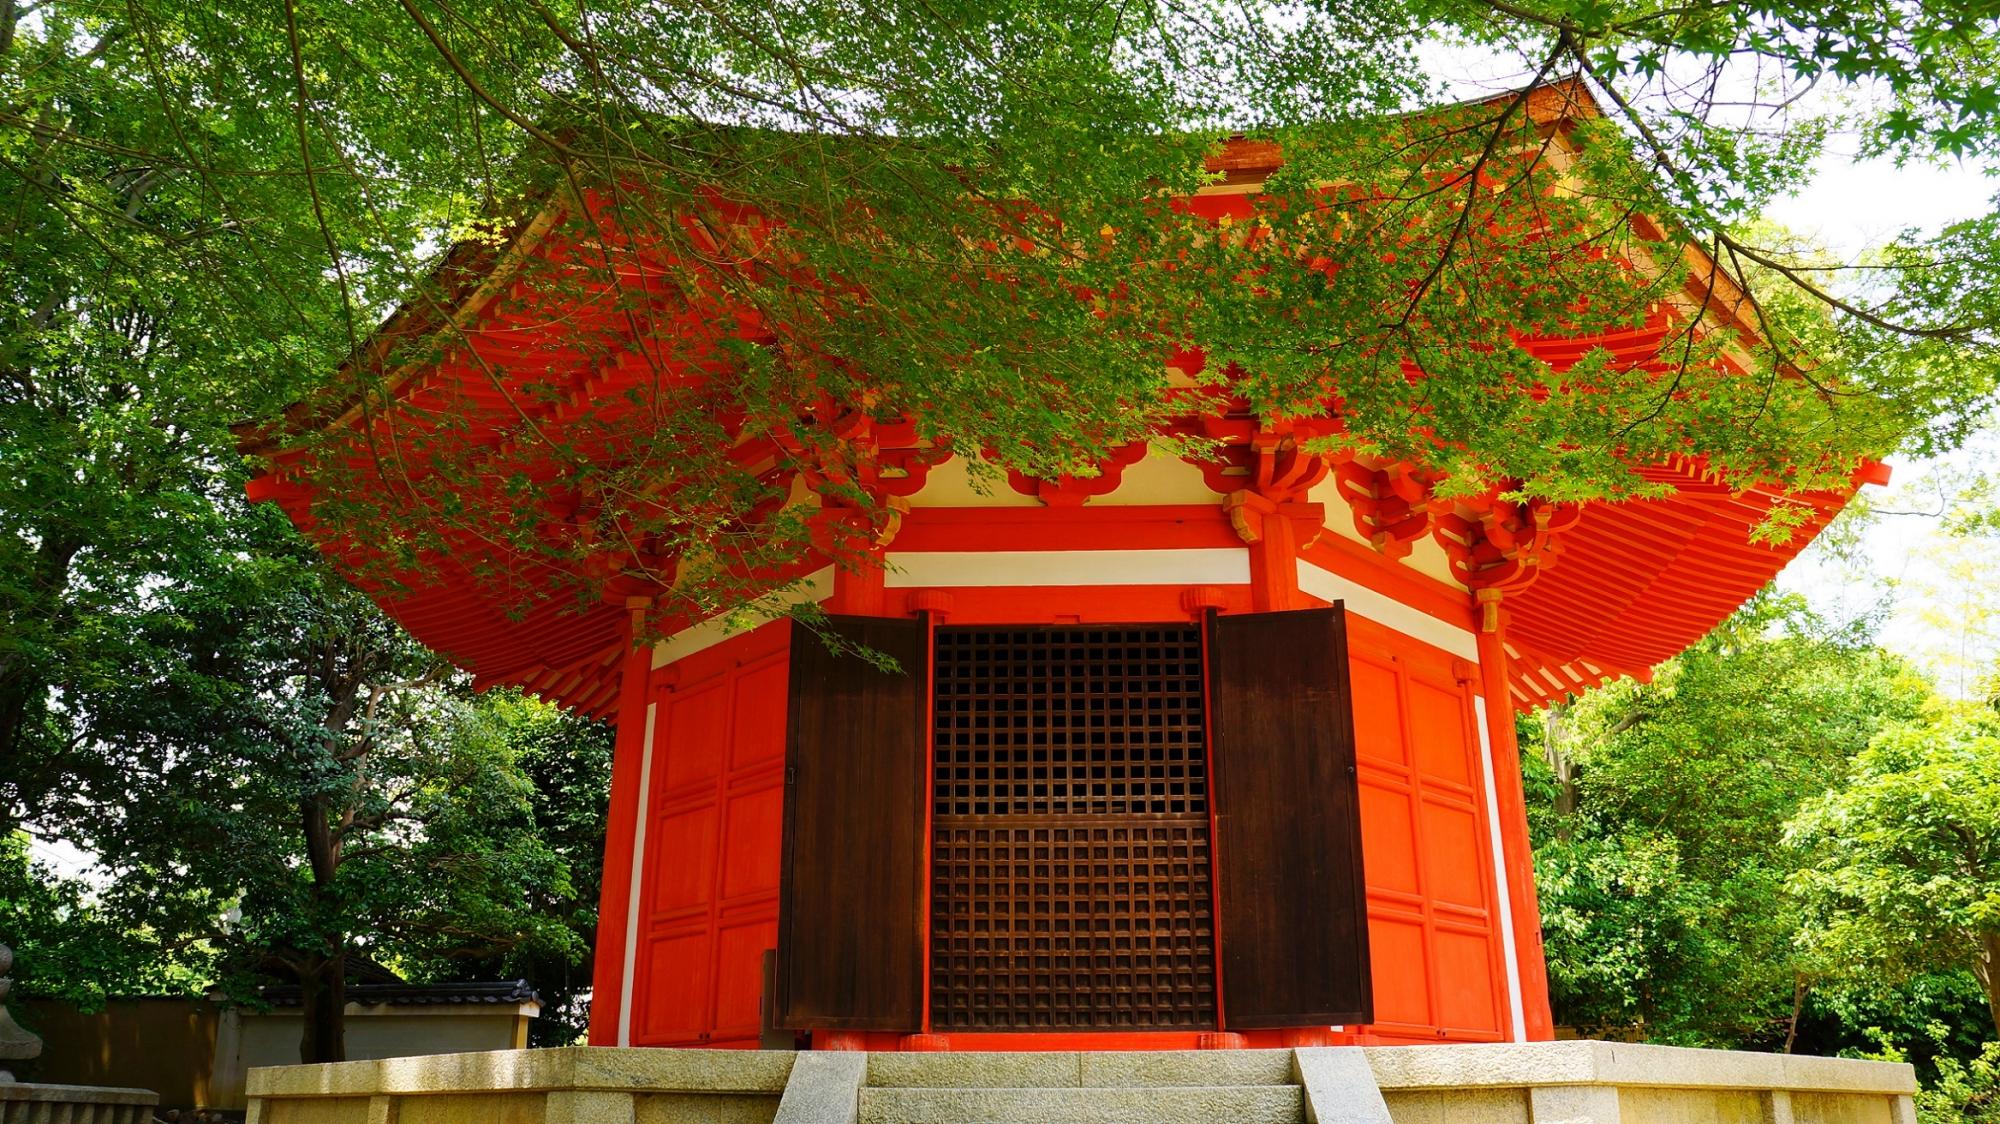 新緑の緑と愛染堂の赤の綺麗なコントラスト